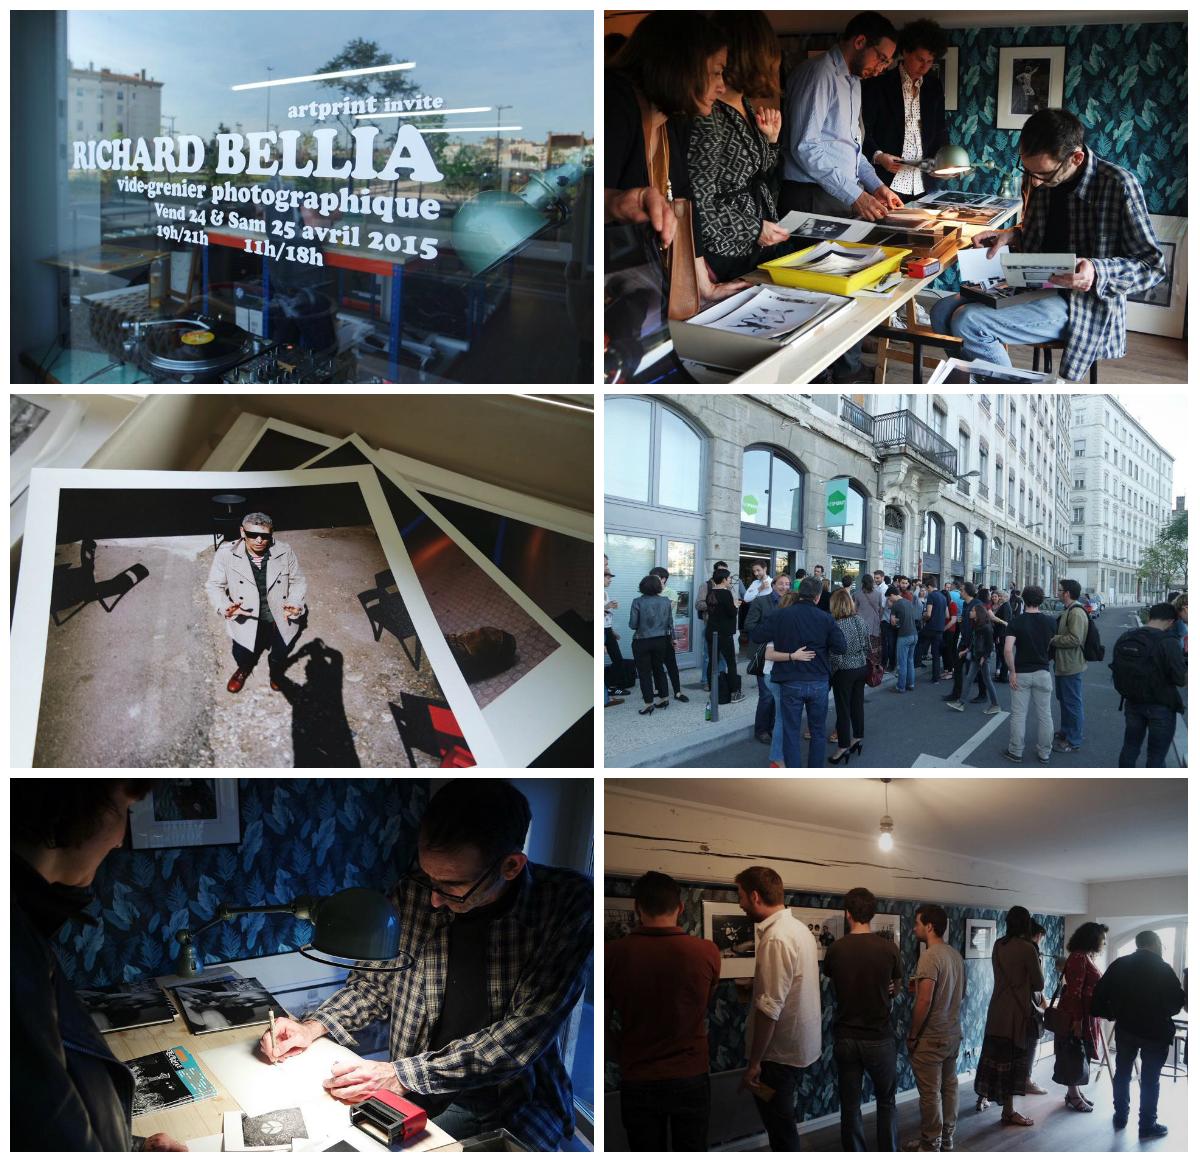 Richard Bellia Artprint événement